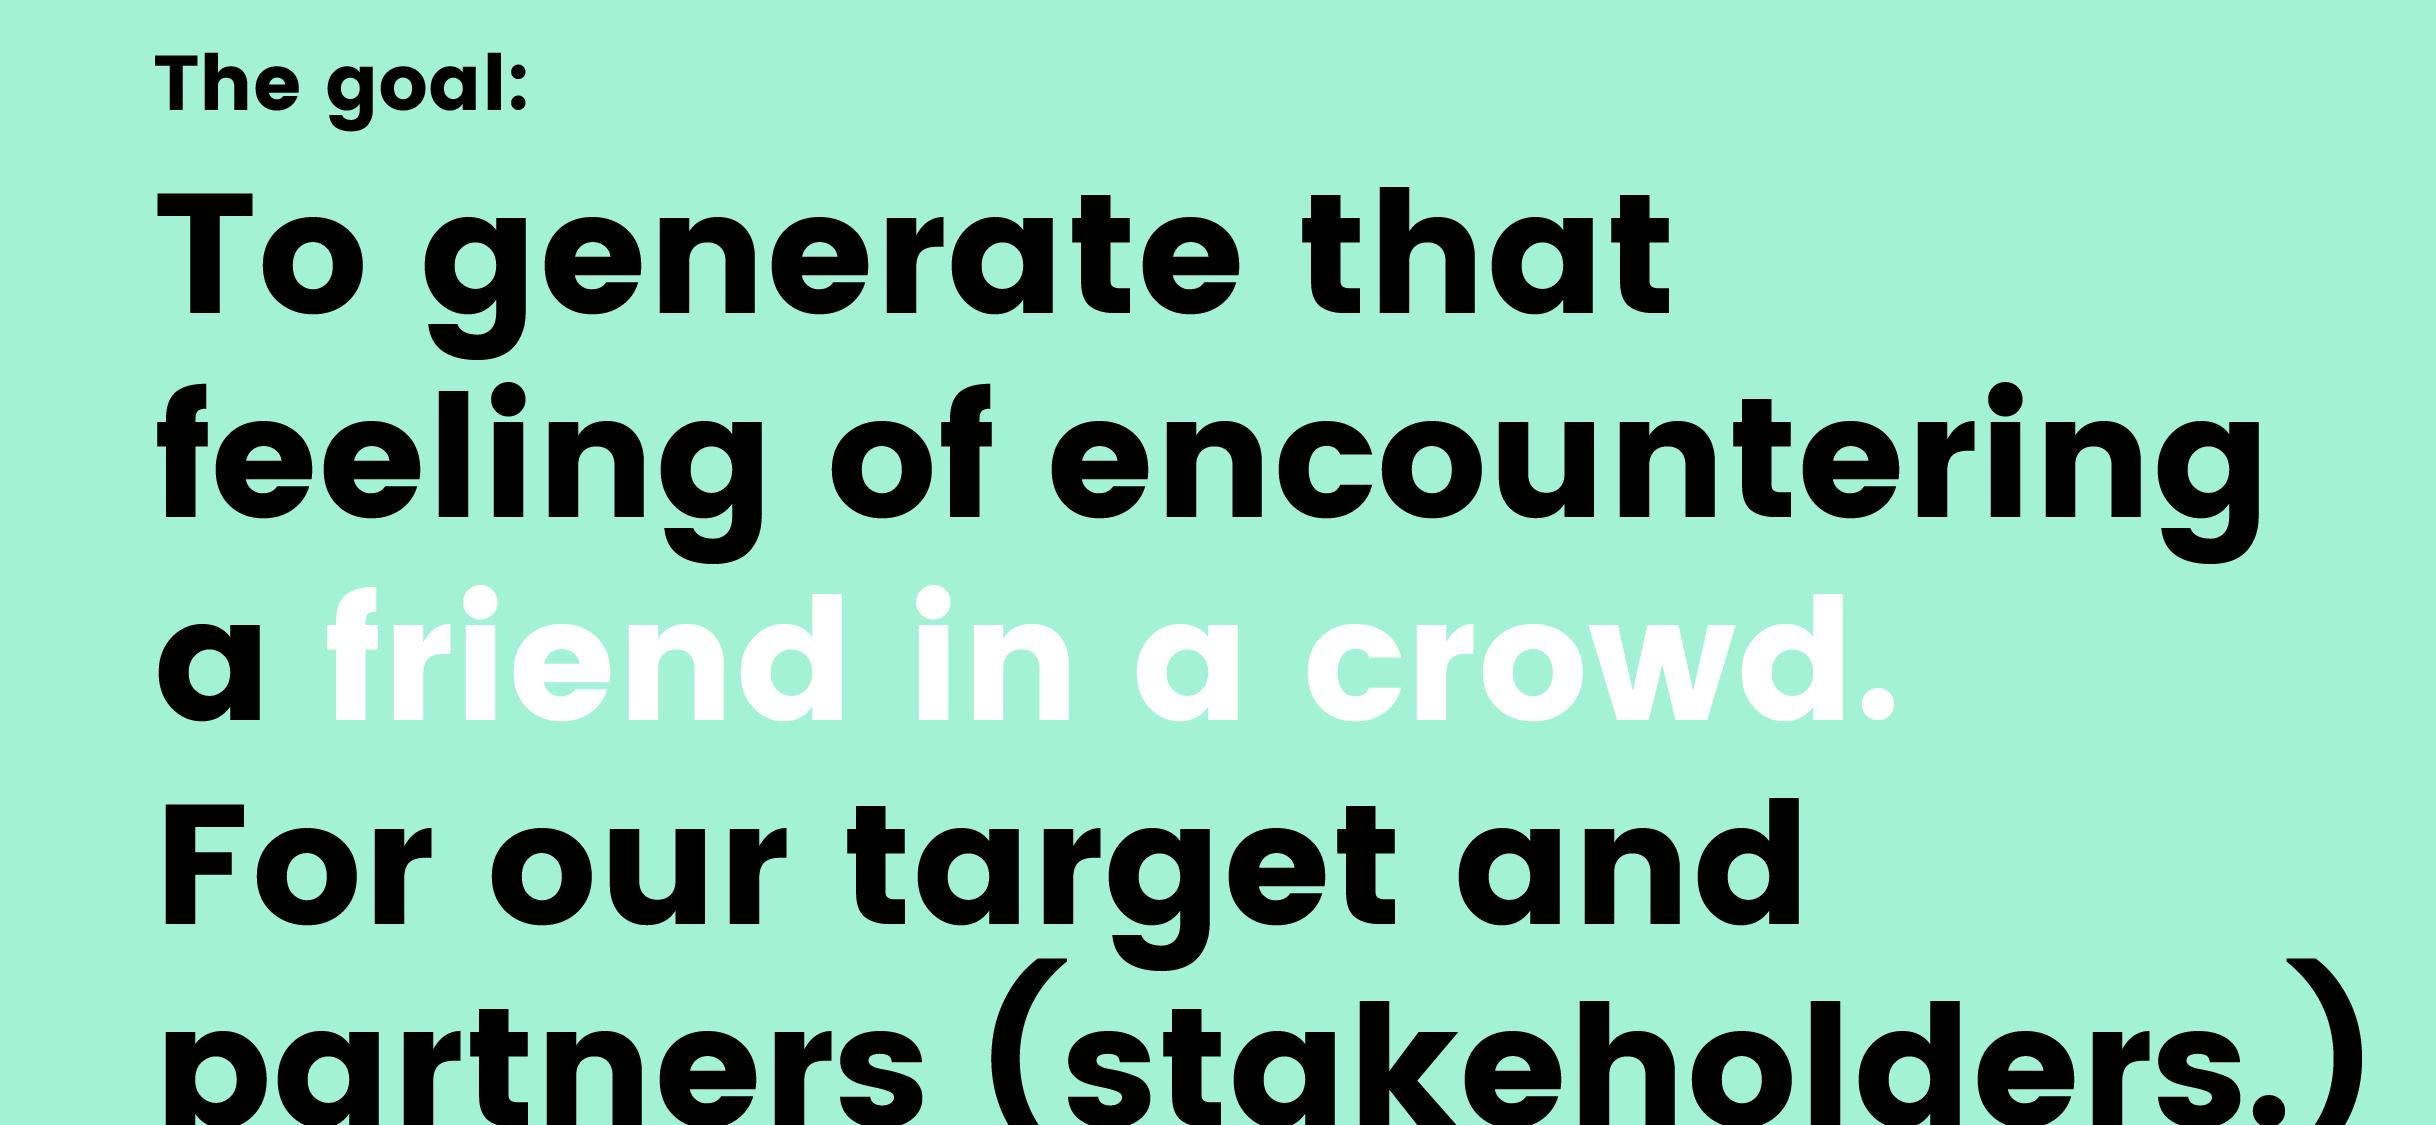 Stakeholder_Management_Skilss_8.jpg